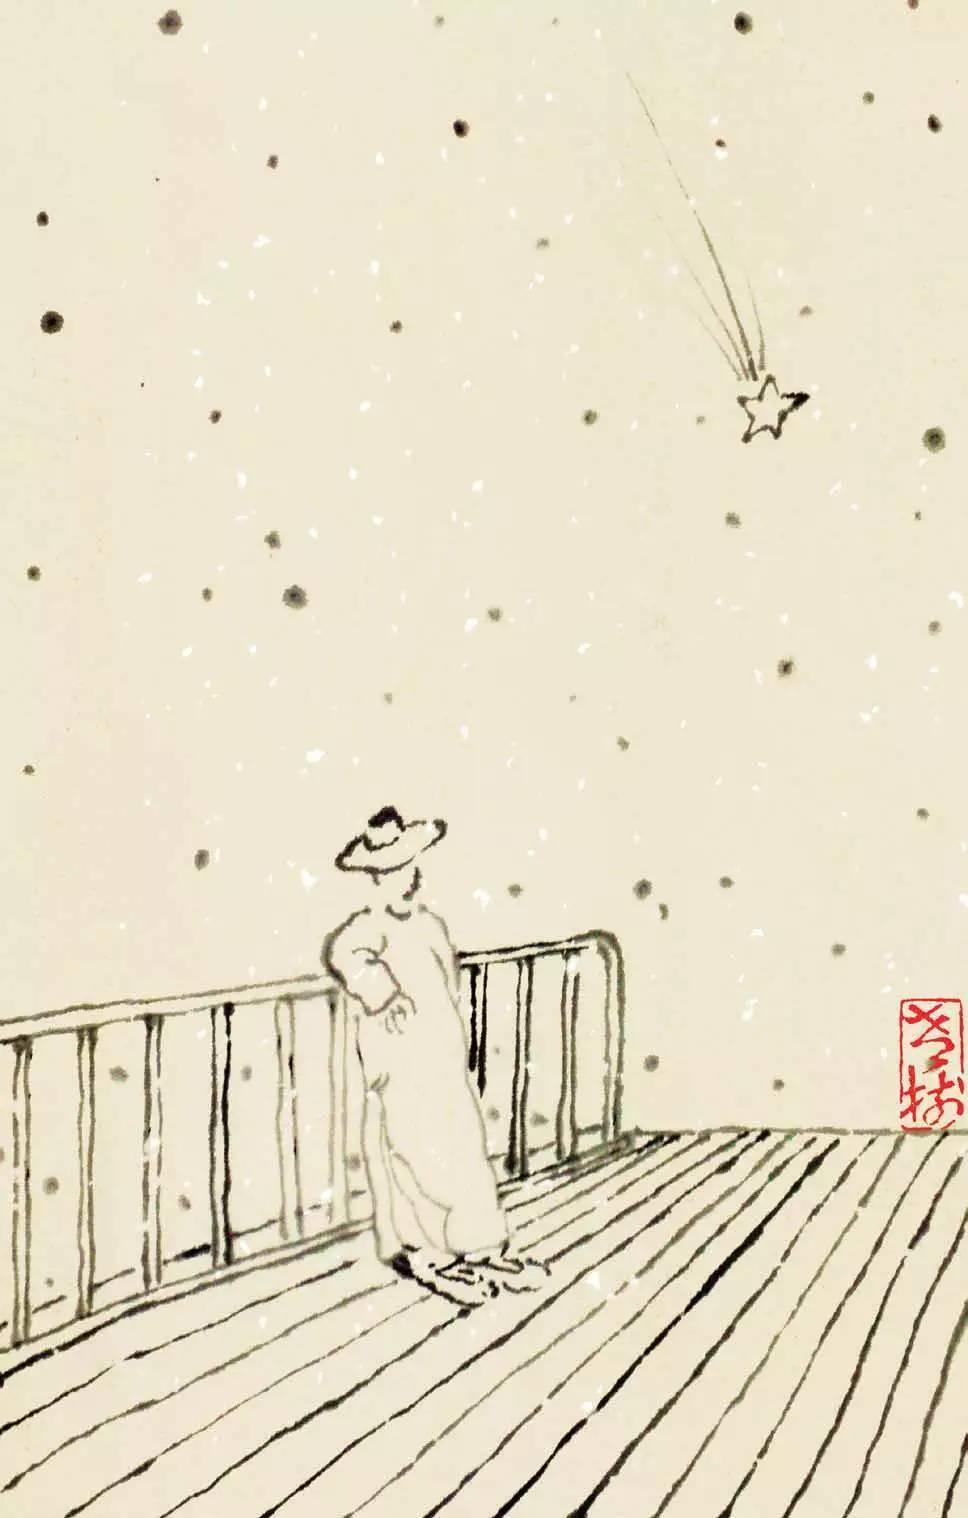 """吴亦凡专辑销量不计入榜单,还是陈冠希说的好""""钱买不了榜"""""""